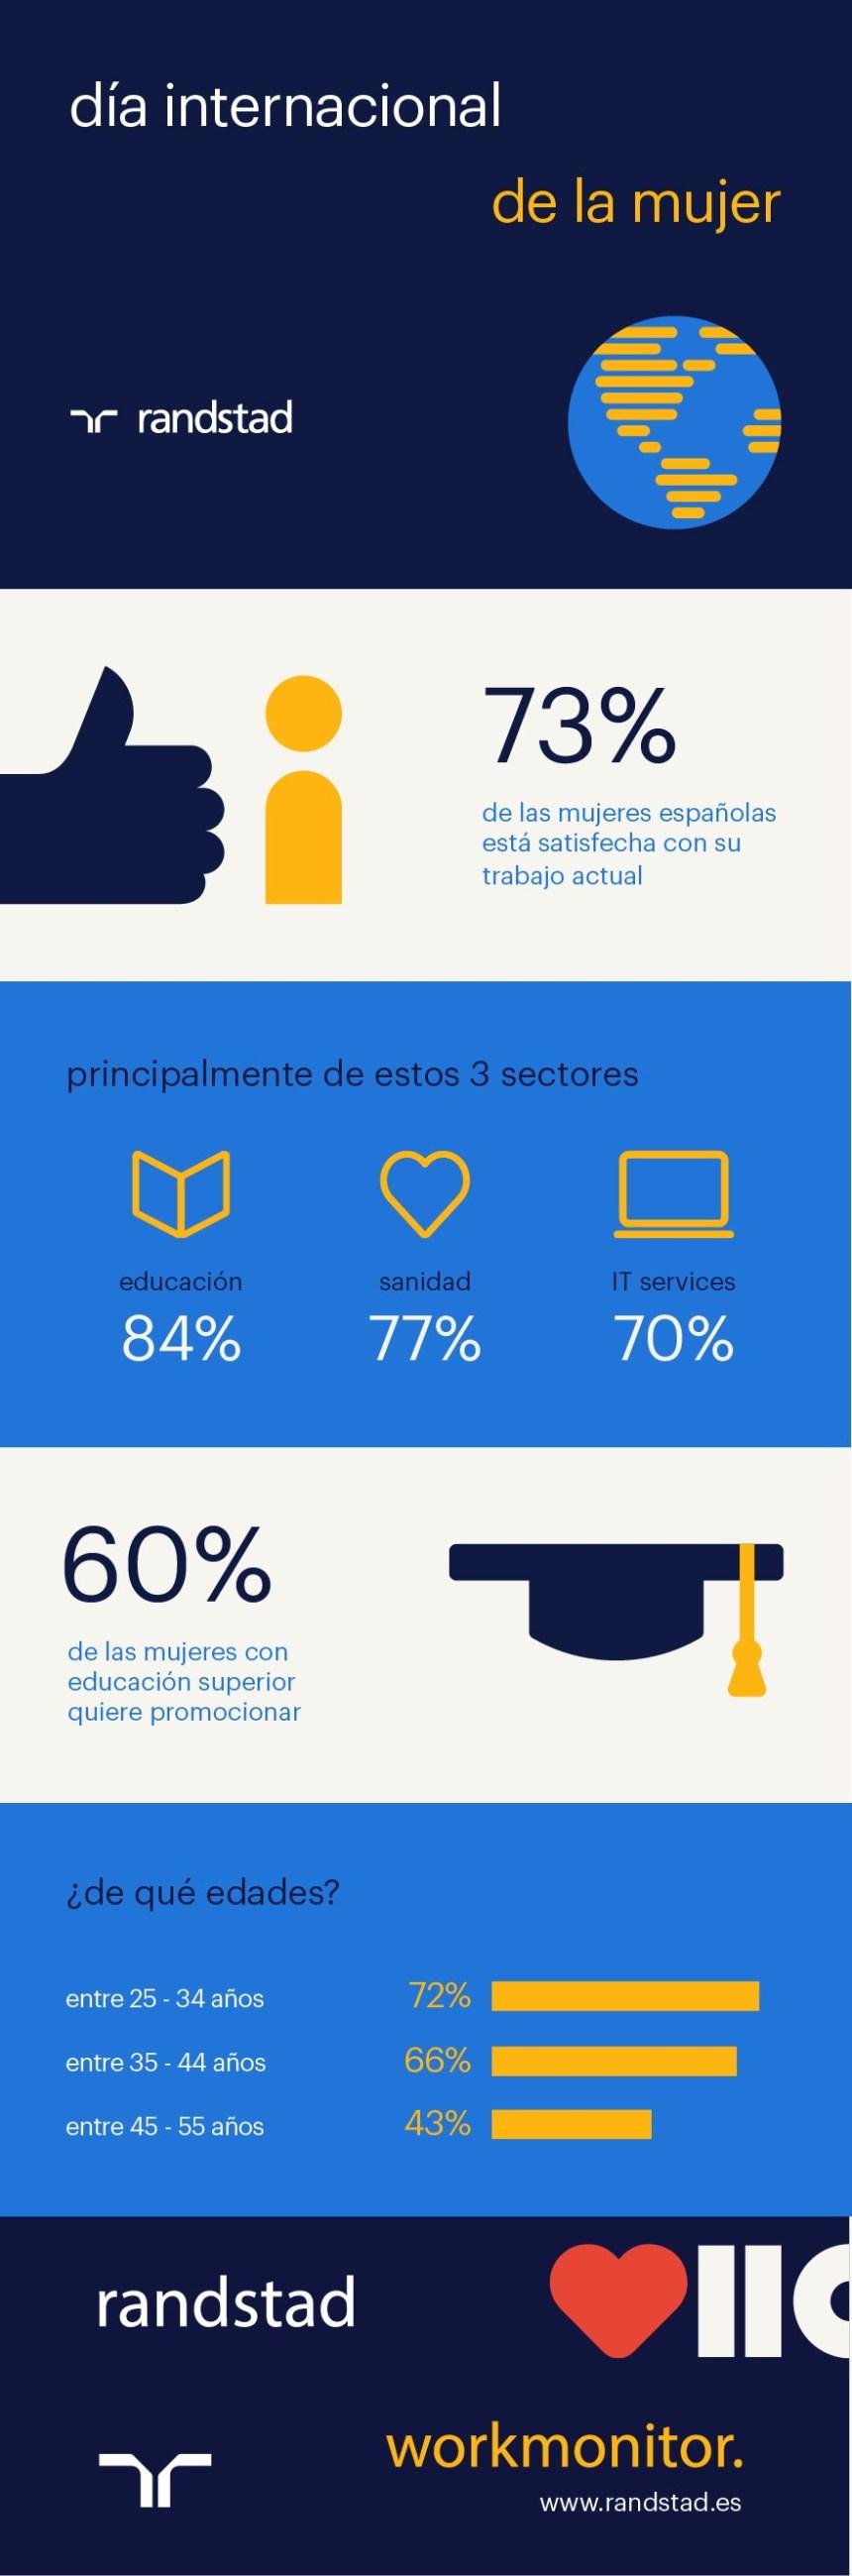 Algunos datos sobre mujeres y trabajo en España #infografia #infographic #rrhh